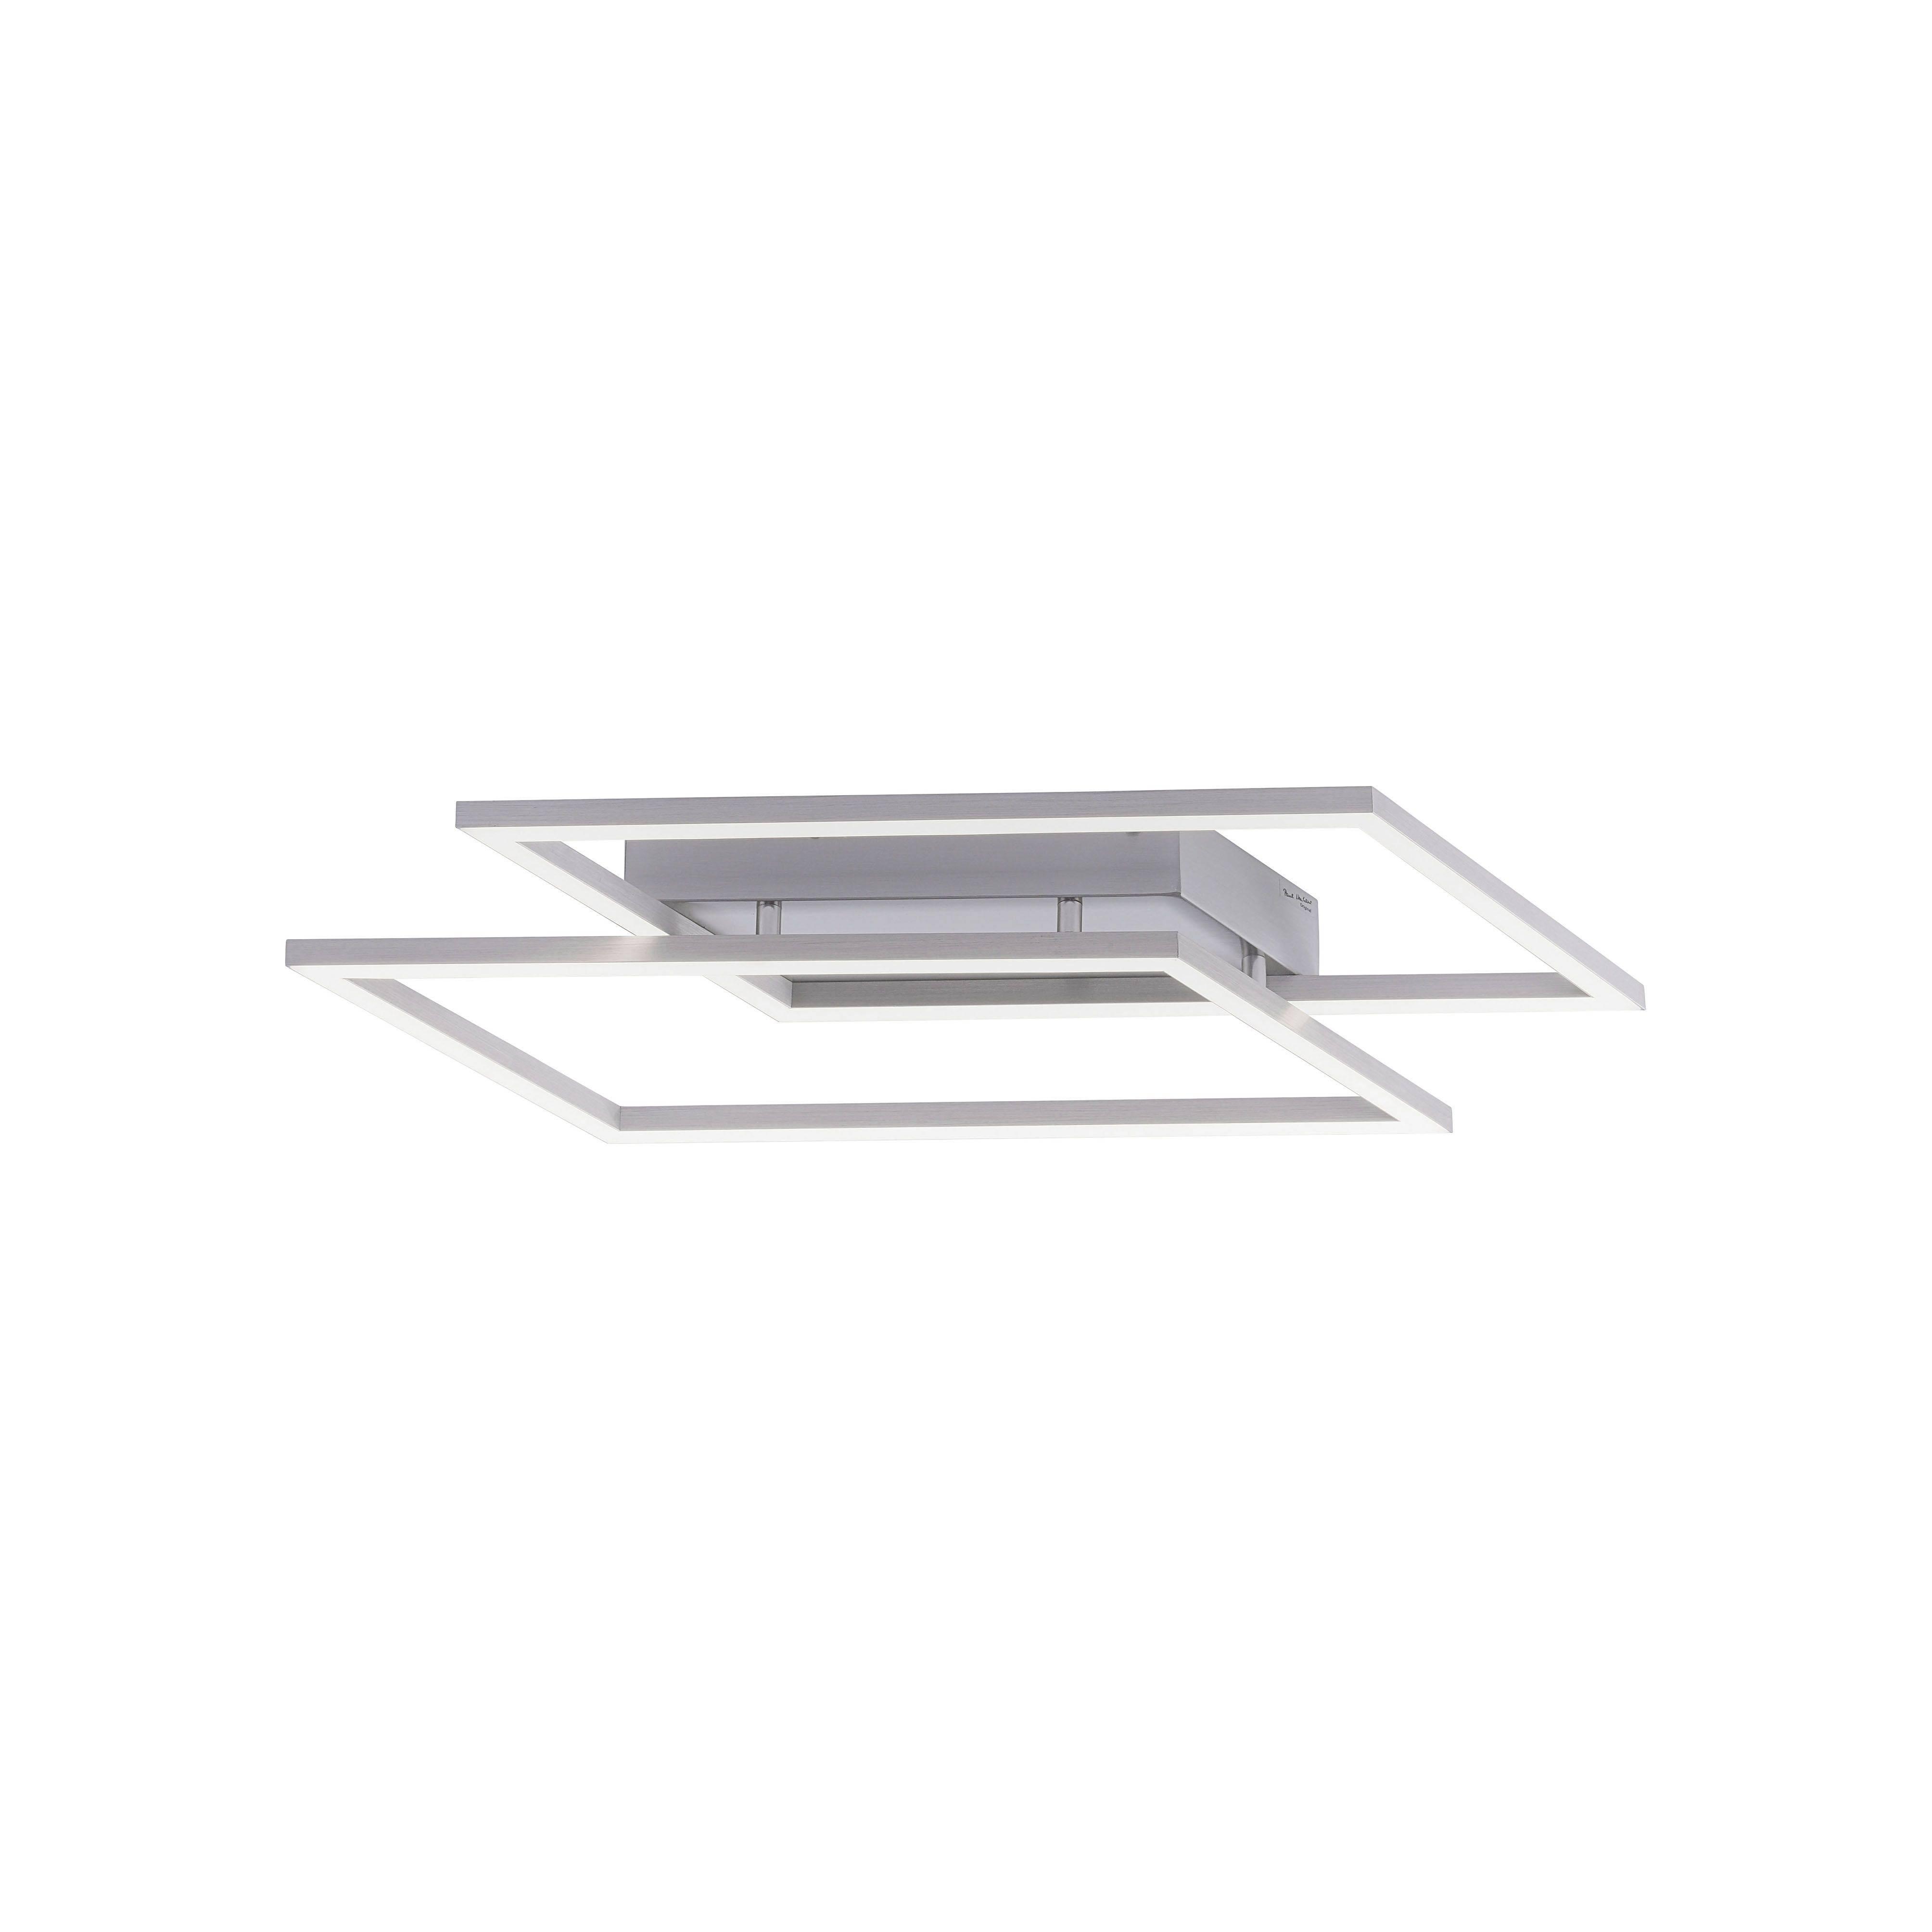 led deckenleuchte rechteckig modern design direkt beim hersteller kaufen neuhaus lighting group. Black Bedroom Furniture Sets. Home Design Ideas